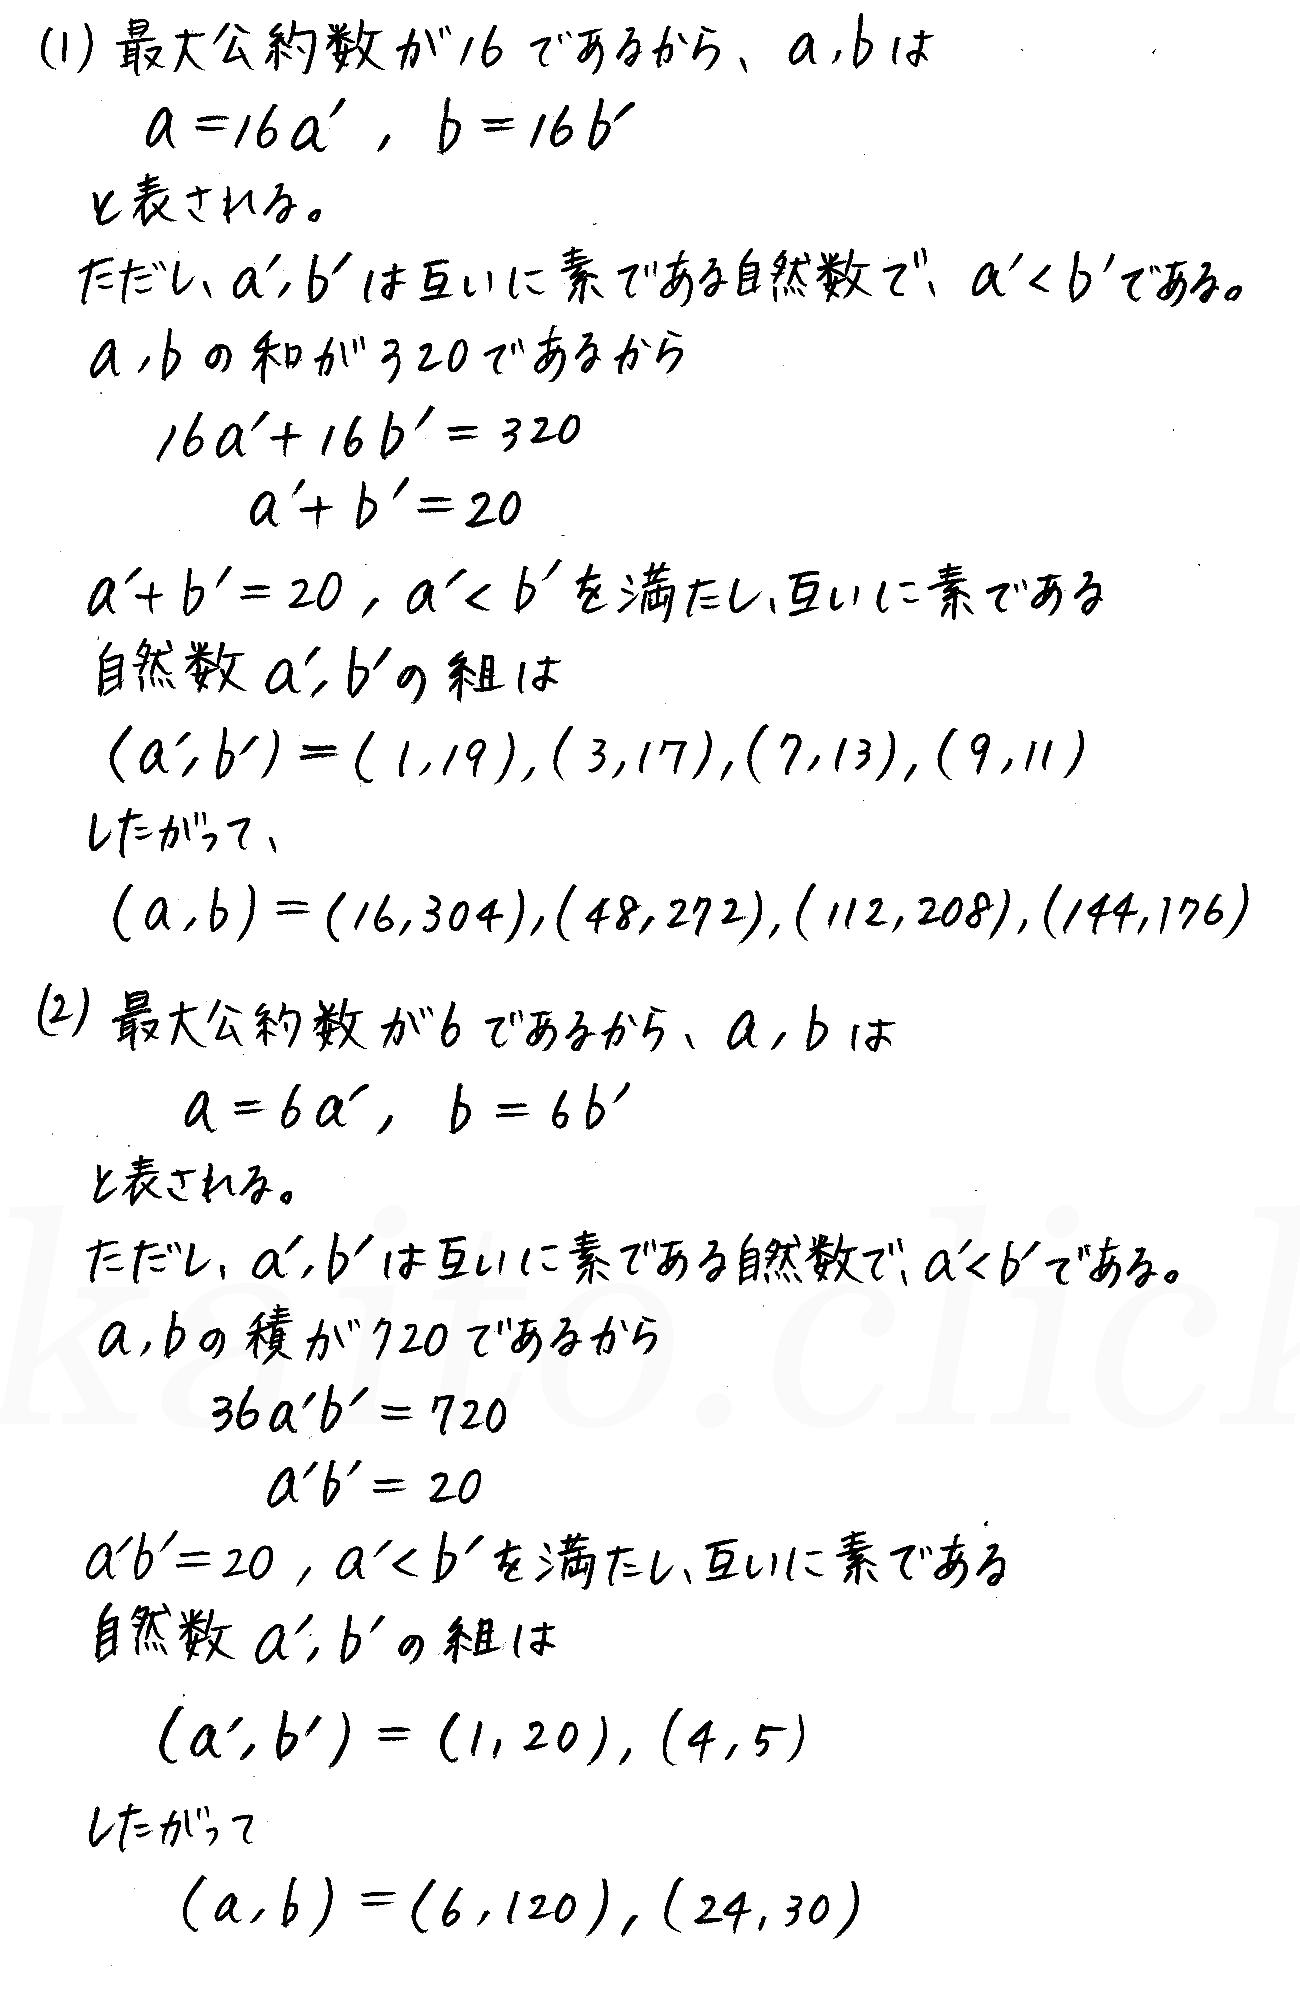 クリアー数学A-248解答